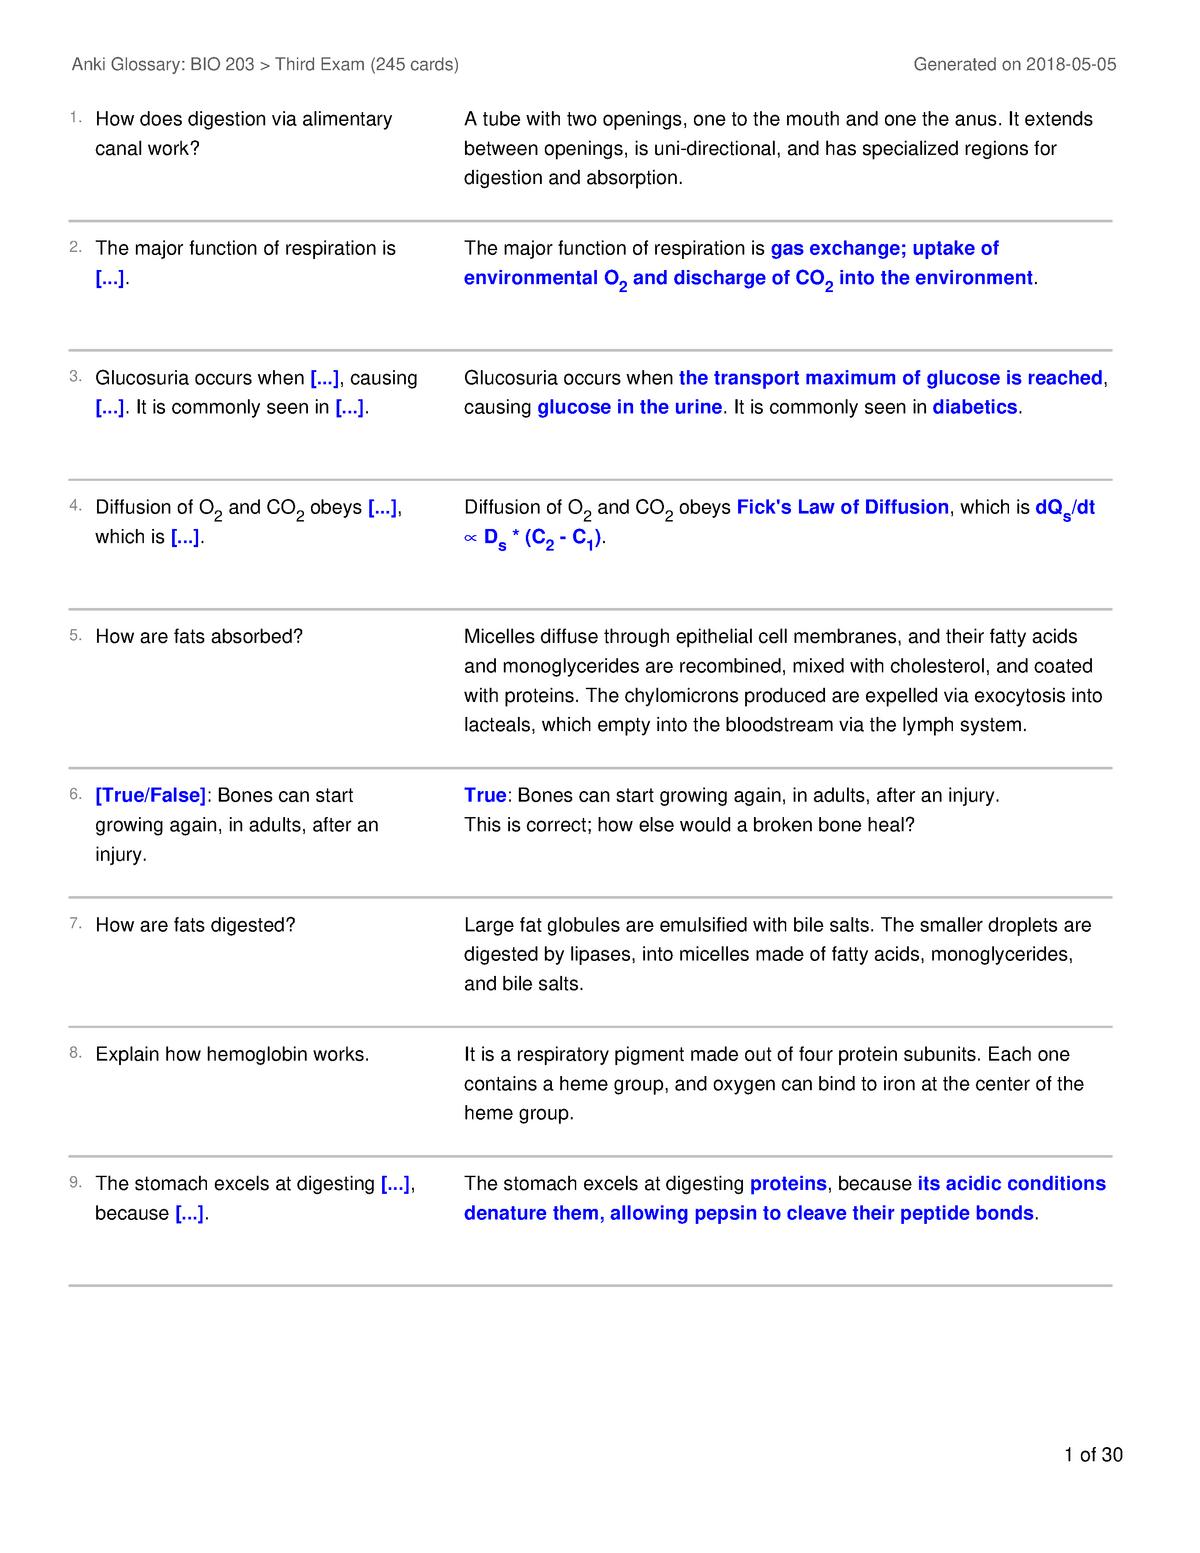 Bio 203 Third Exam Review Terms - BIO 203: Fundamentals of Biology